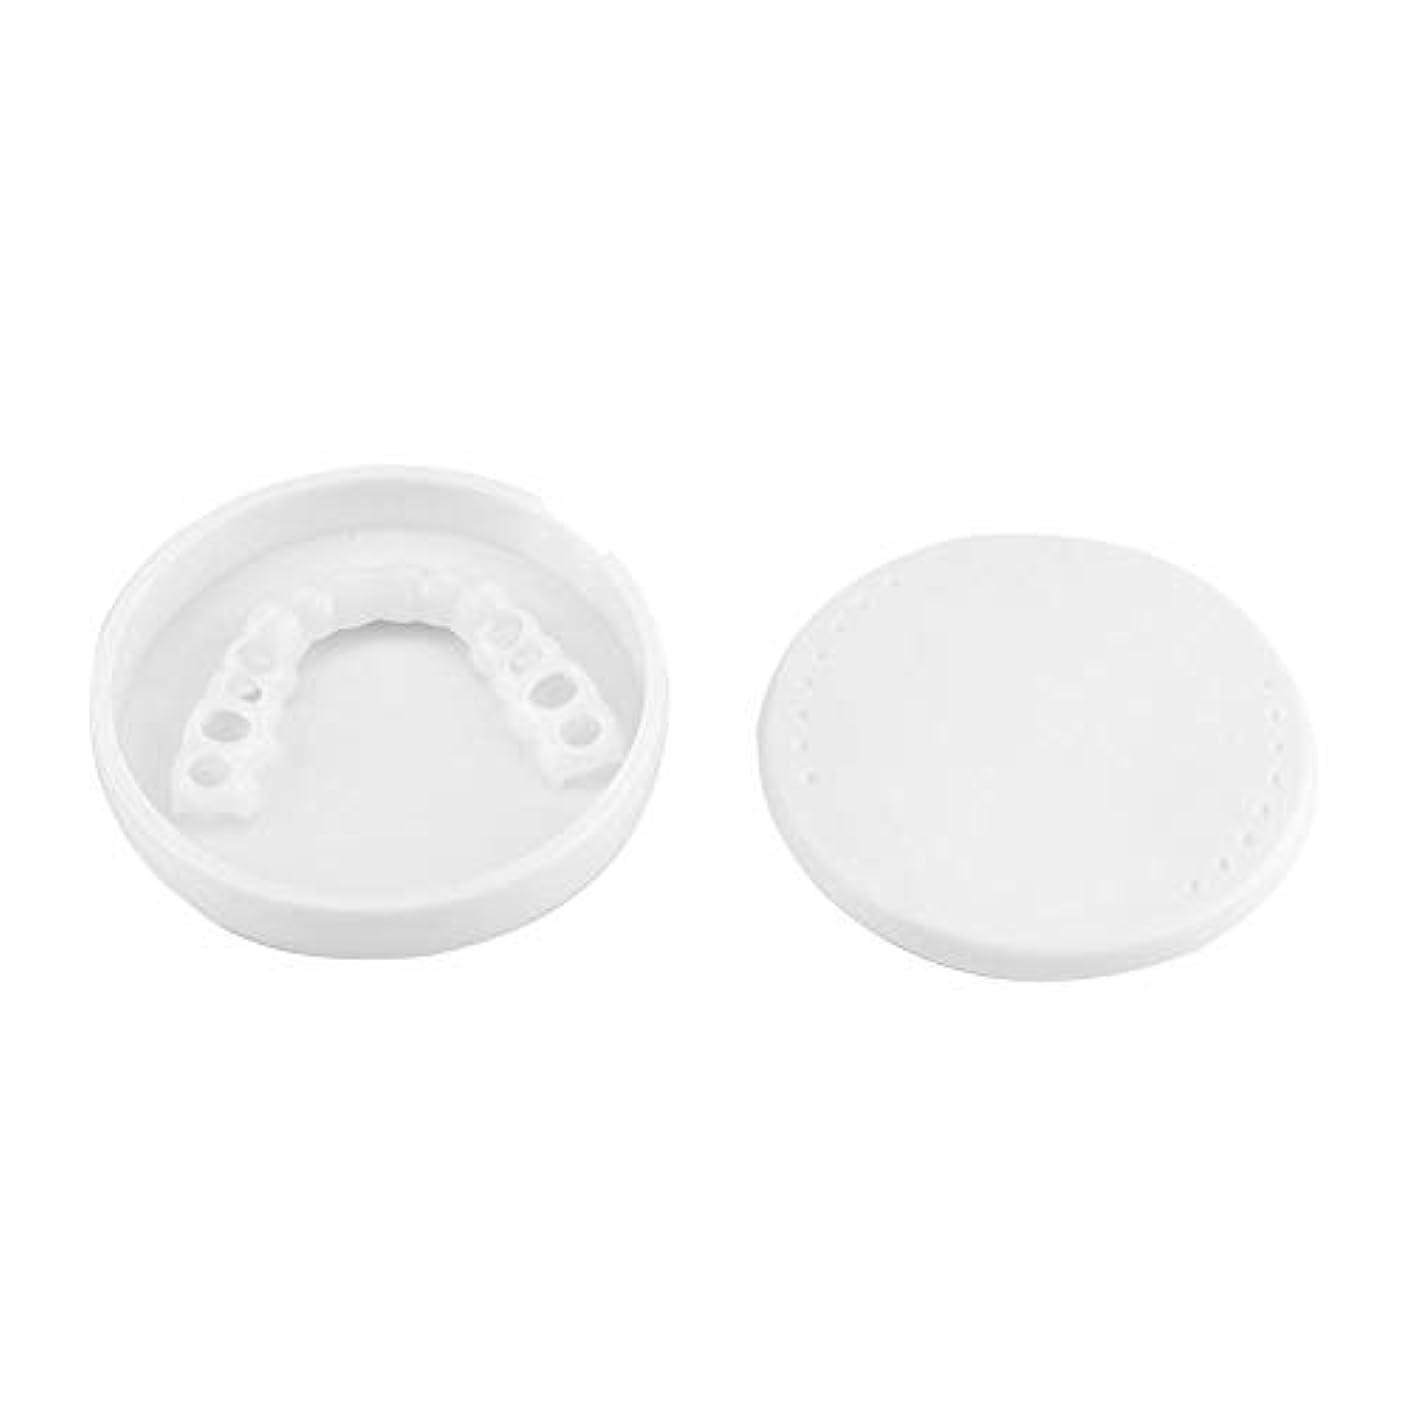 みすぼらしい前述の引き潮Salinr インスタント 完璧なベニヤの歯スナップキャップを白く 一時的な化粧品歯義 歯化粧品シミュレーション 白くする歯カバー フィットフレックス歯ベニア上の歯+下歯のセット